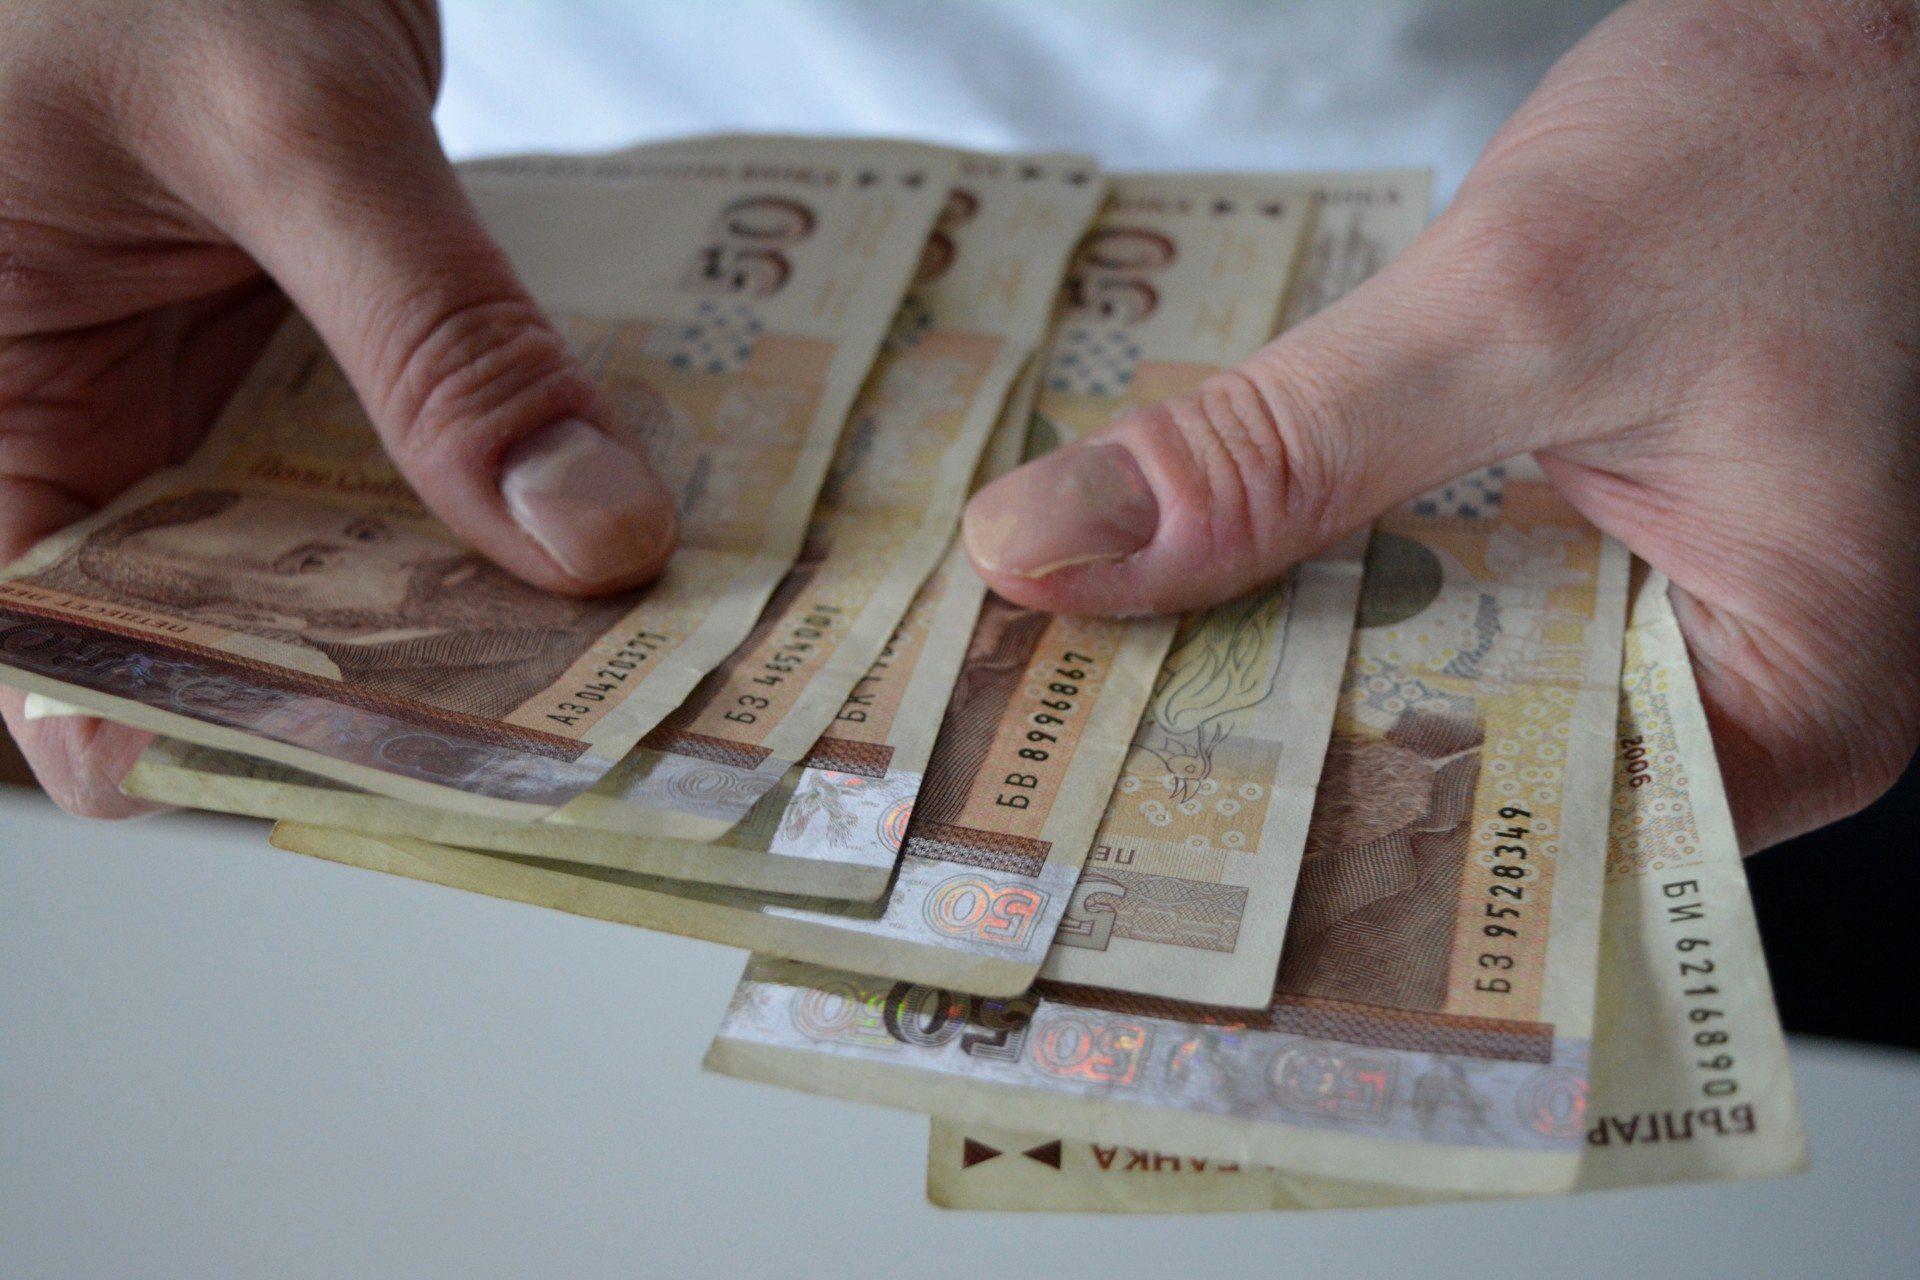 200 хил. българи със заплати над 9 бона. 3000 от богаташите – младежи до 26